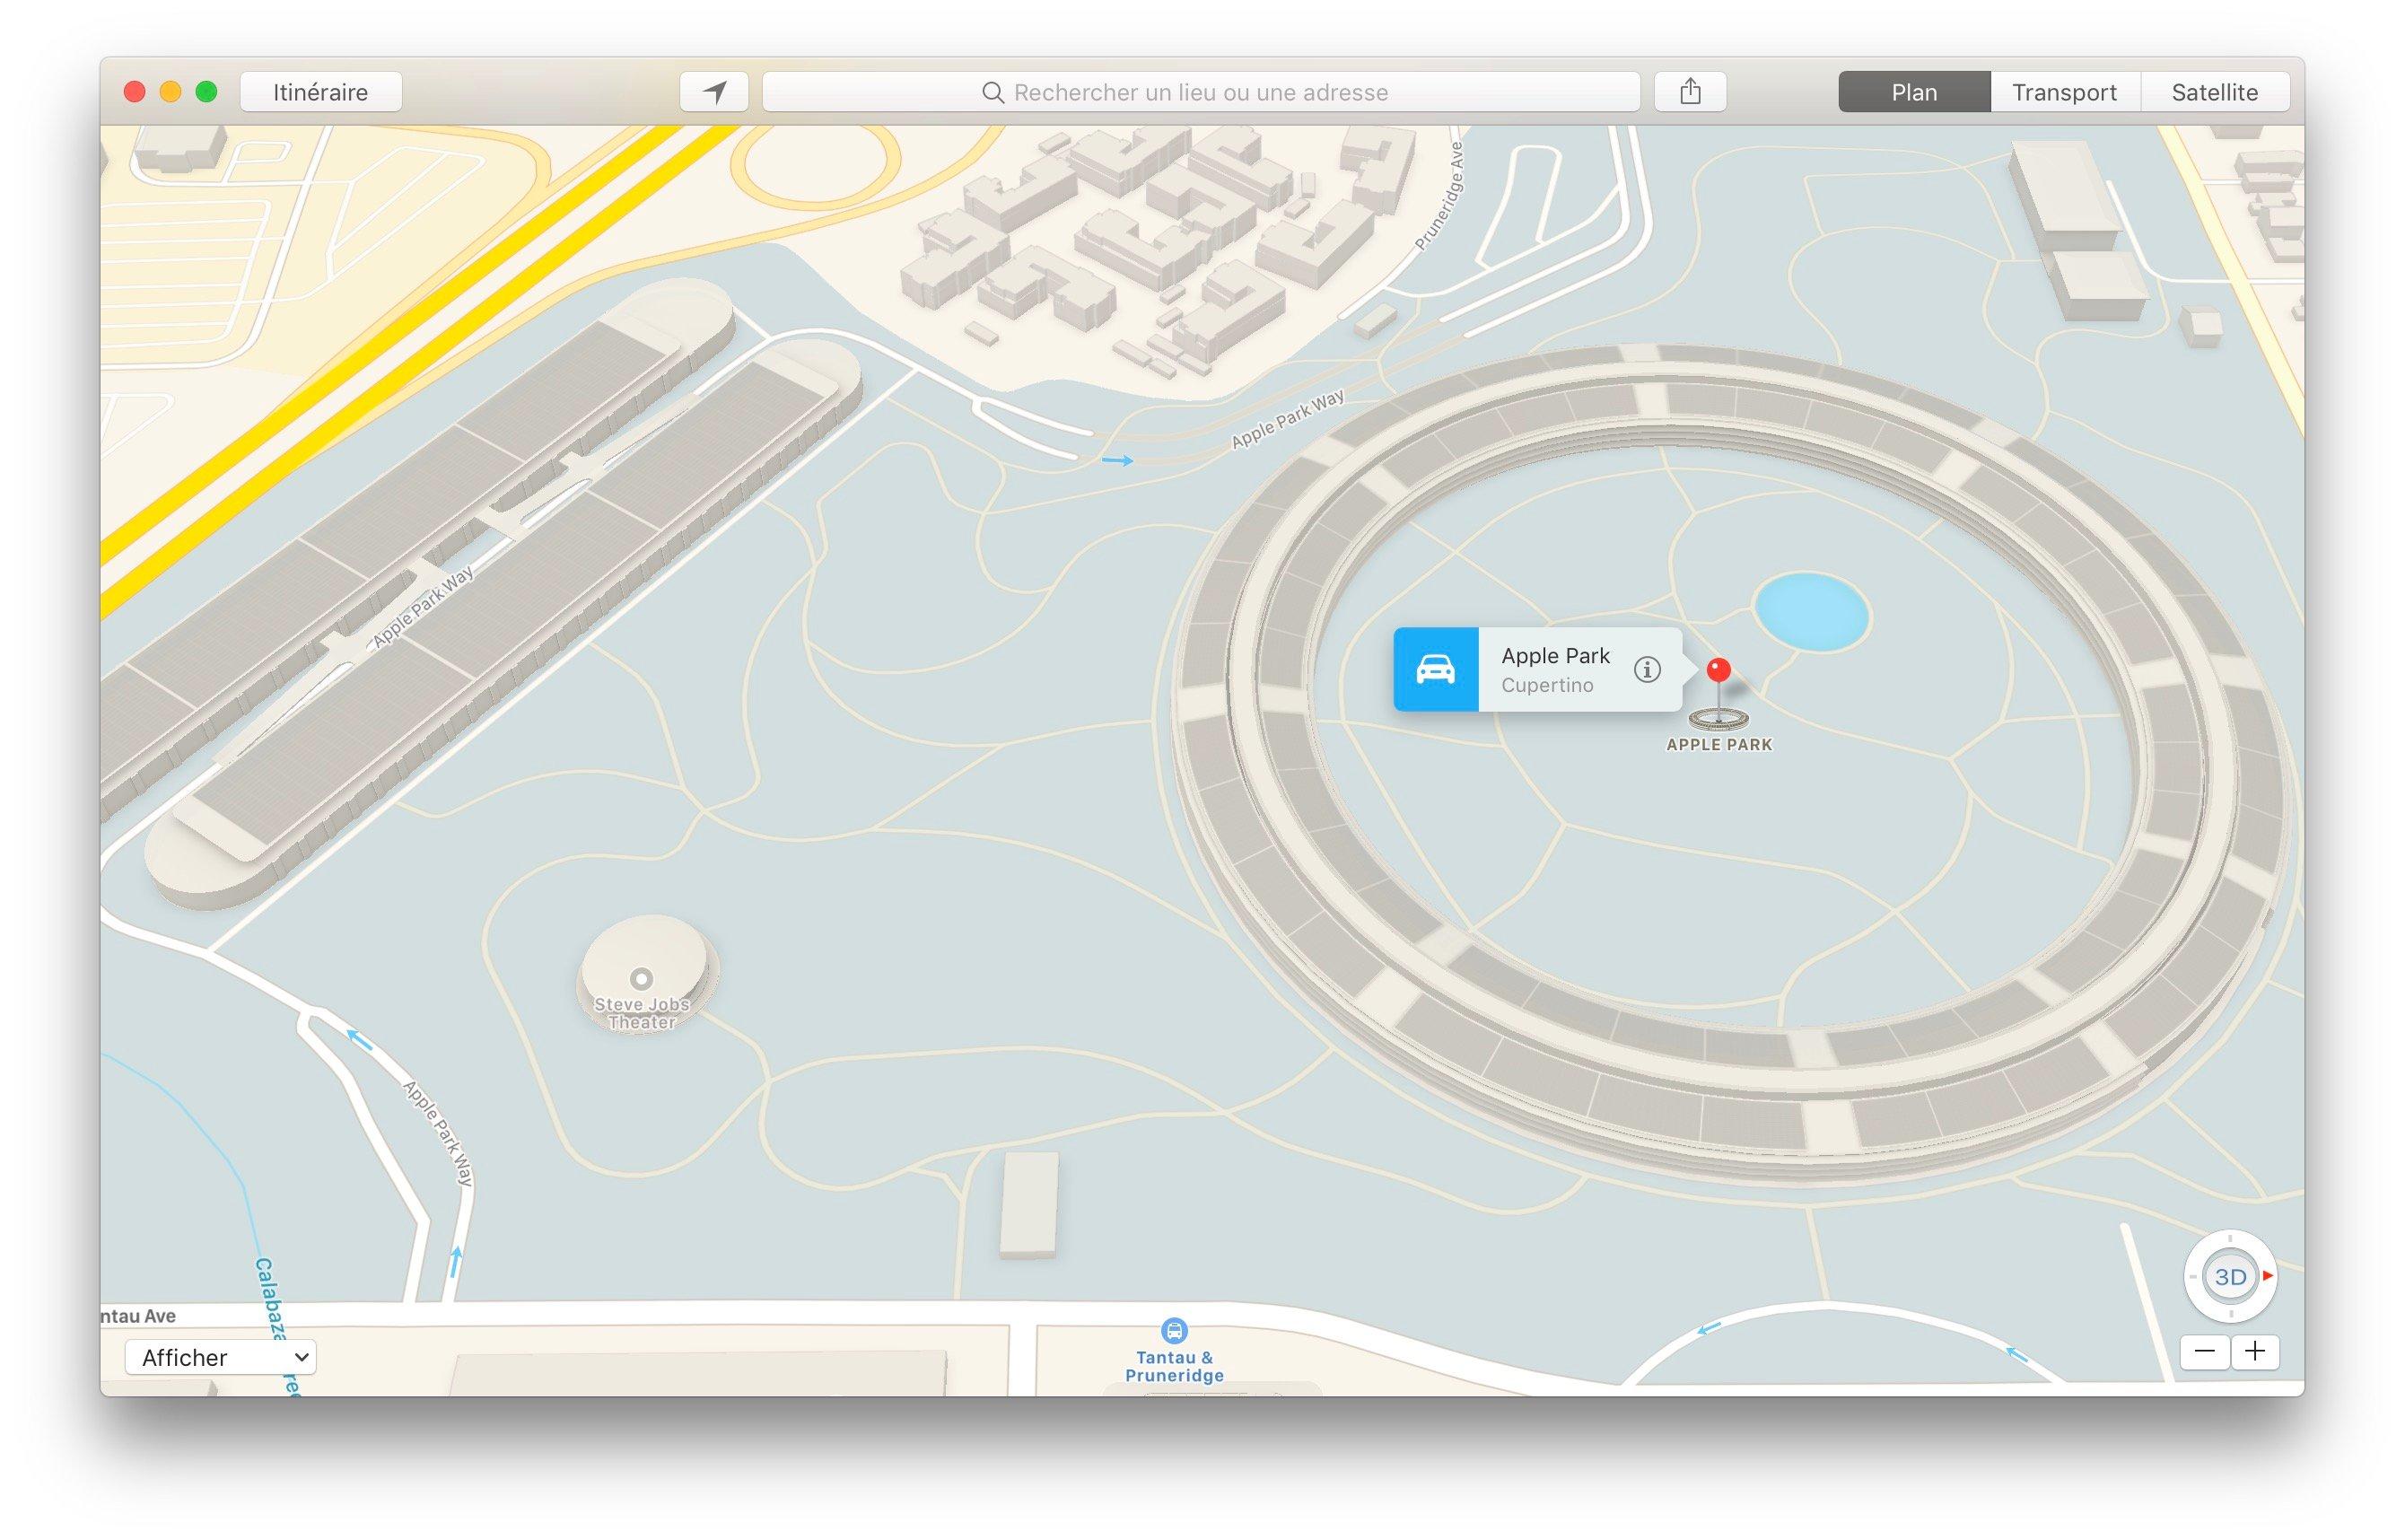 seniors rencontres gratuit site rencontre portugaise gratuit.apple-park-plans-3d-1_m.jpg